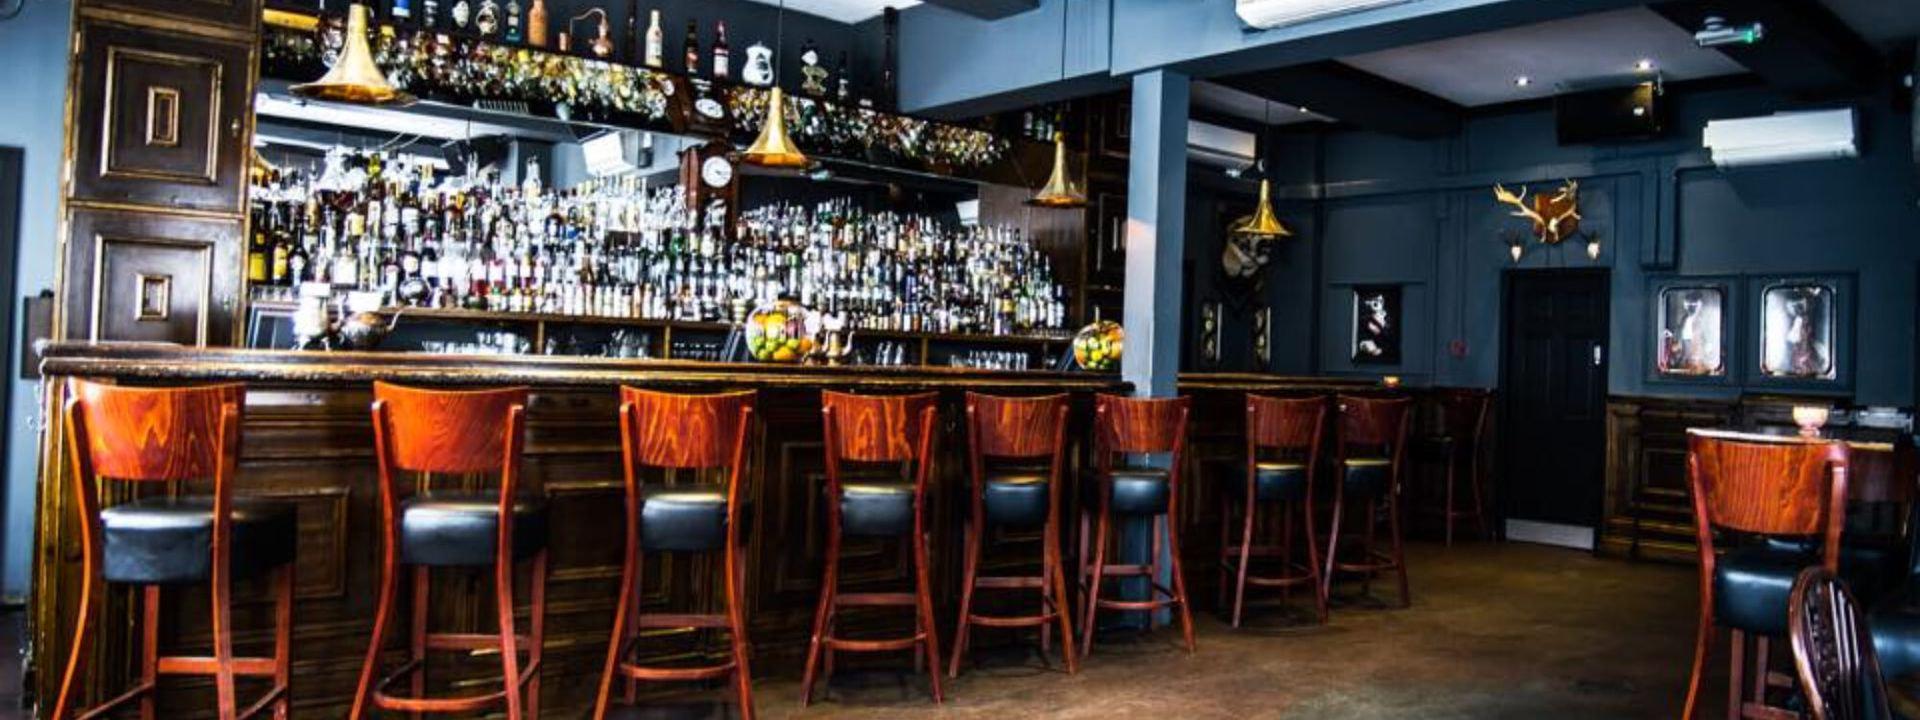 The Maven Call Lane Bar with Seating